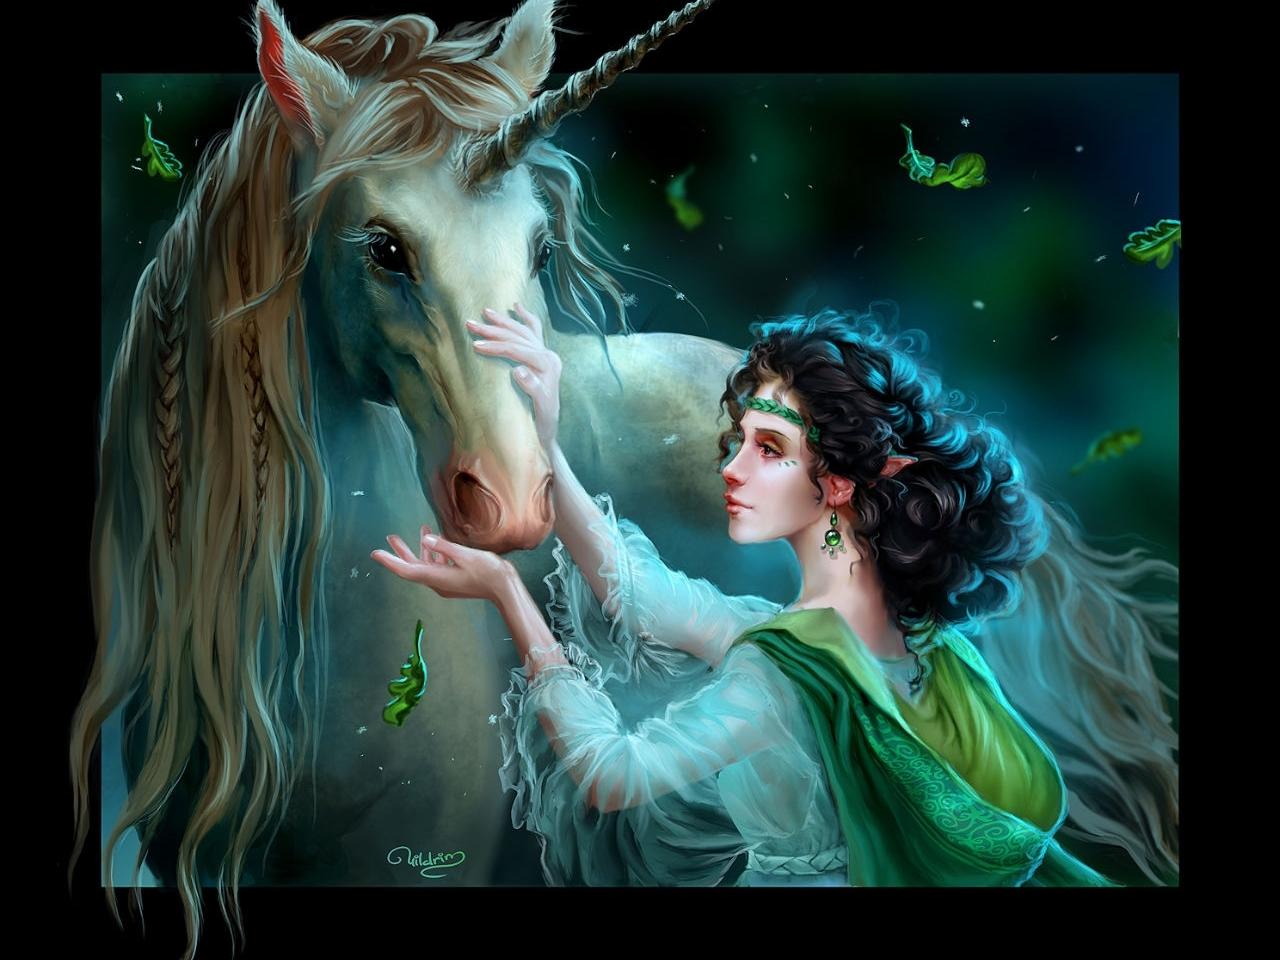 30233 Hintergrundbild herunterladen Mädchen, Fantasie, Unicorns - Bildschirmschoner und Bilder kostenlos